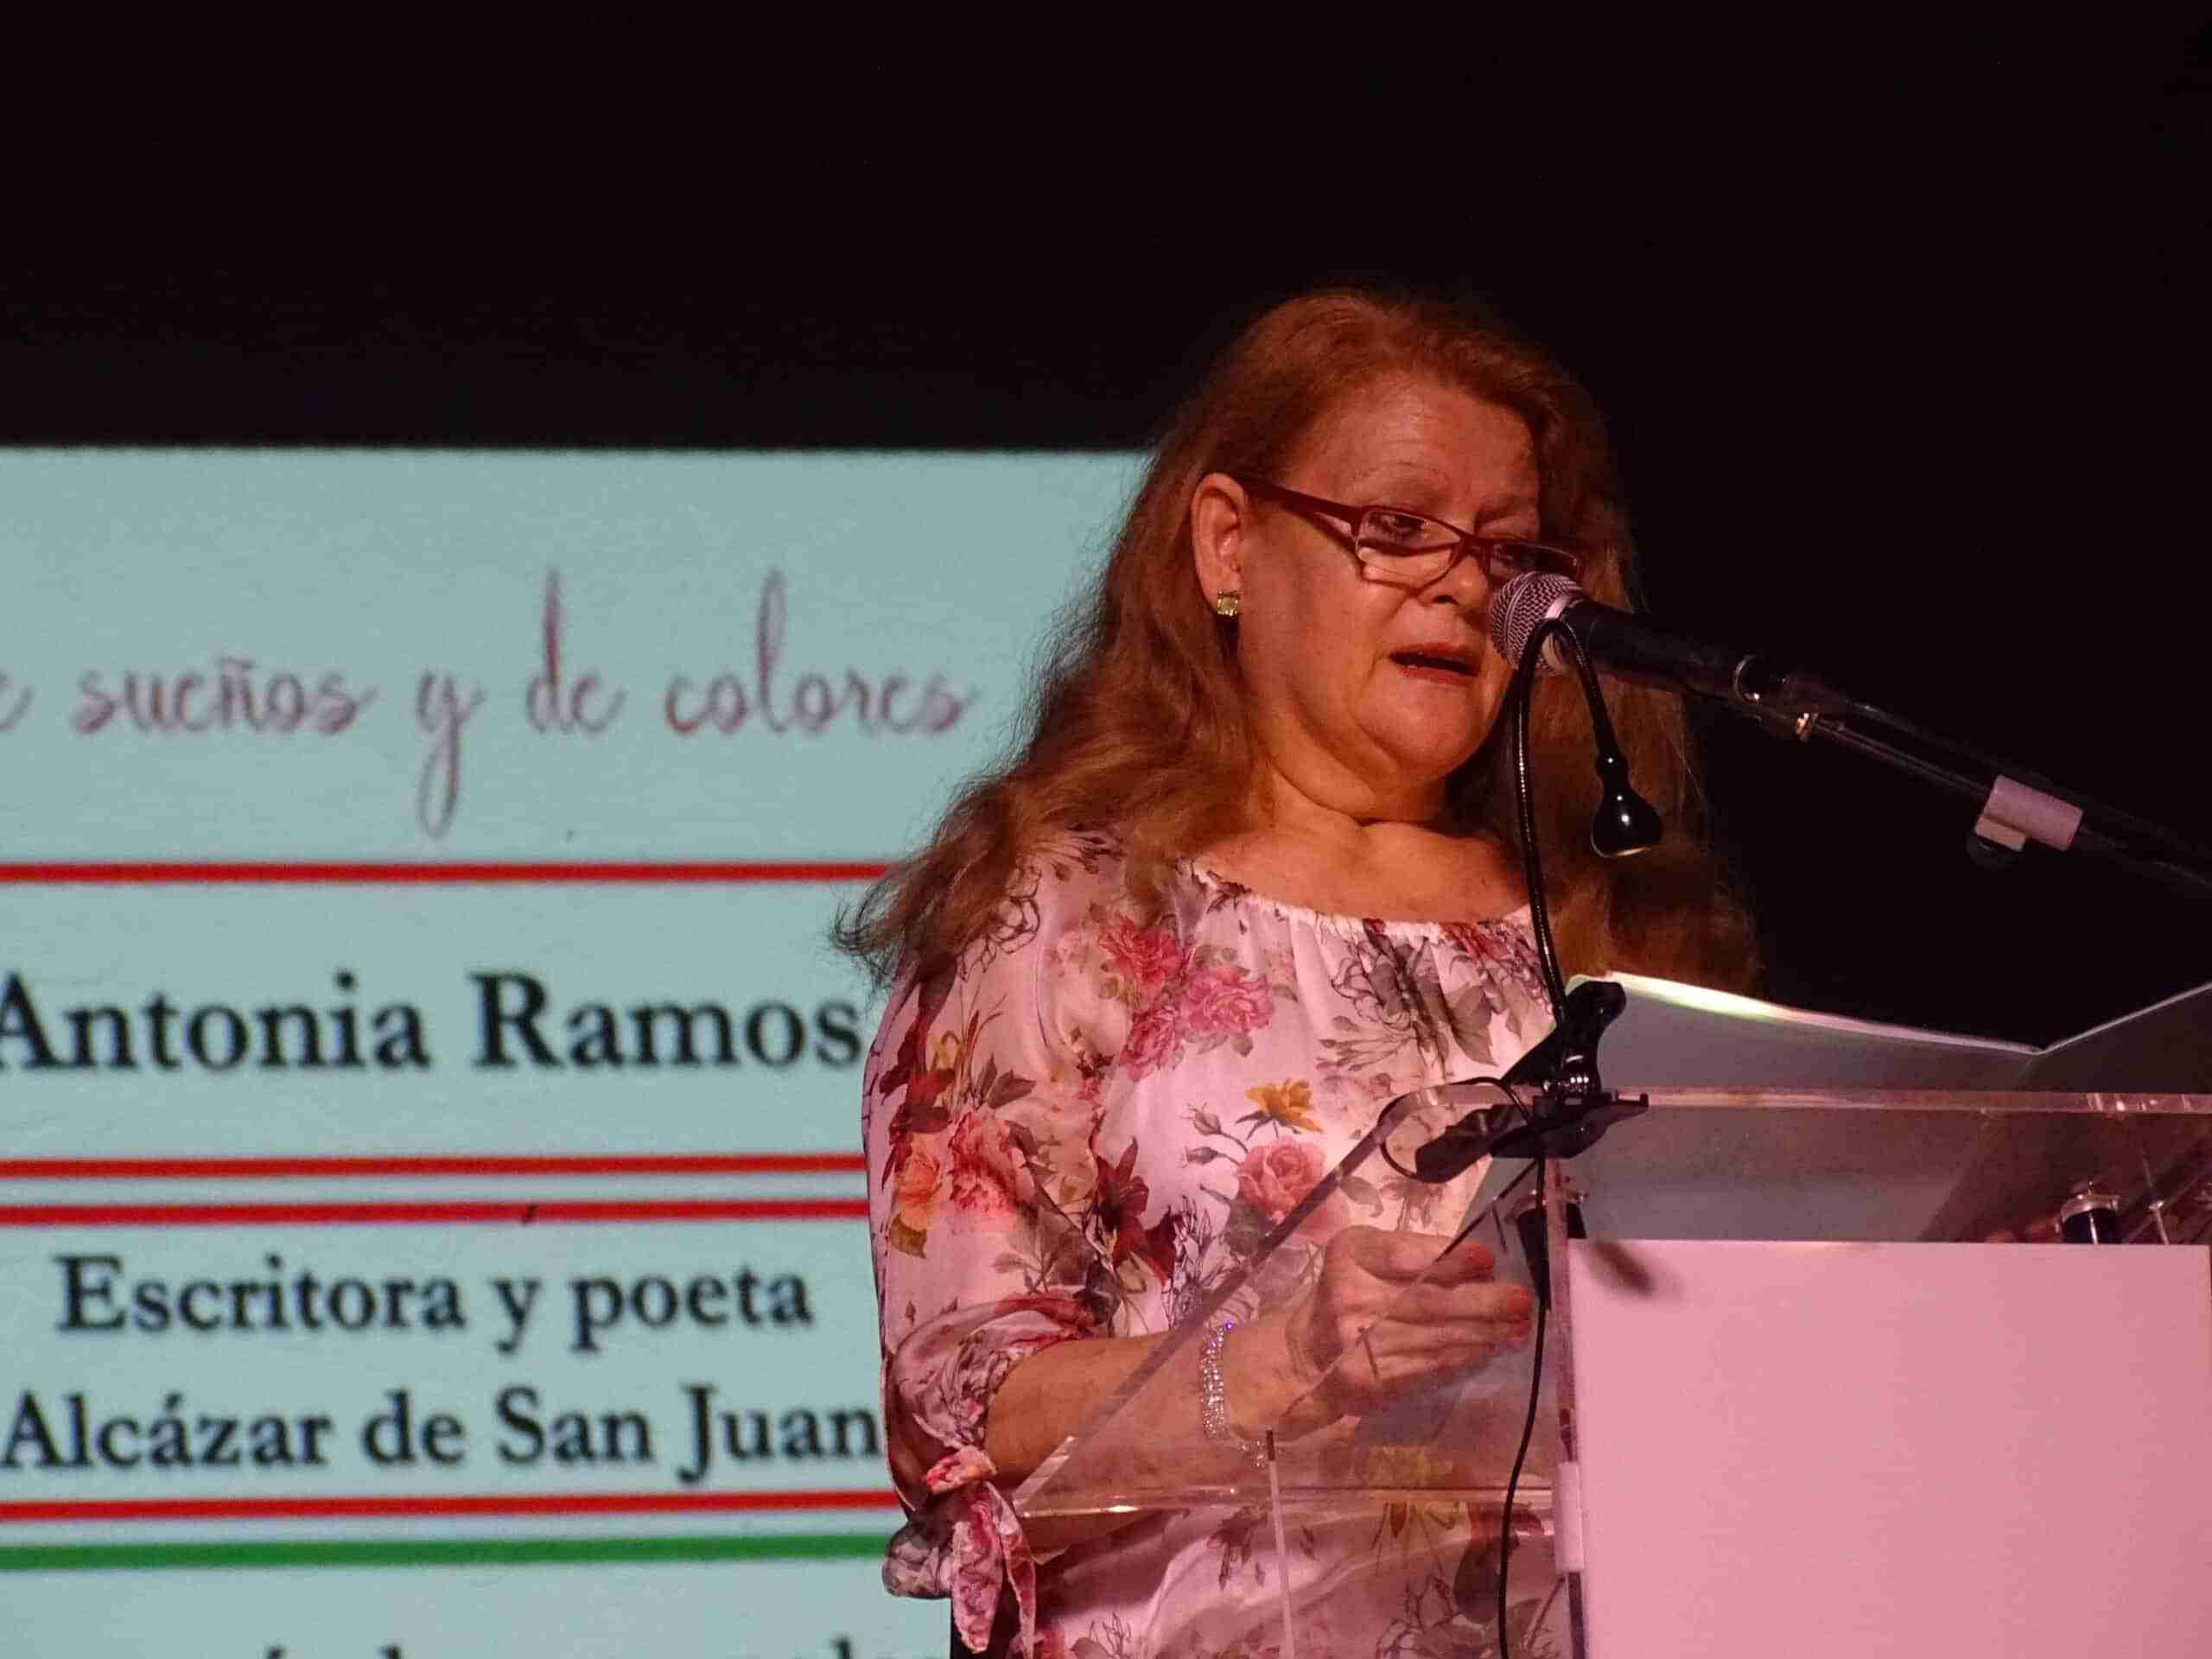 Noche mágica de poesía y pintura con las amapolas como protagonistas 41